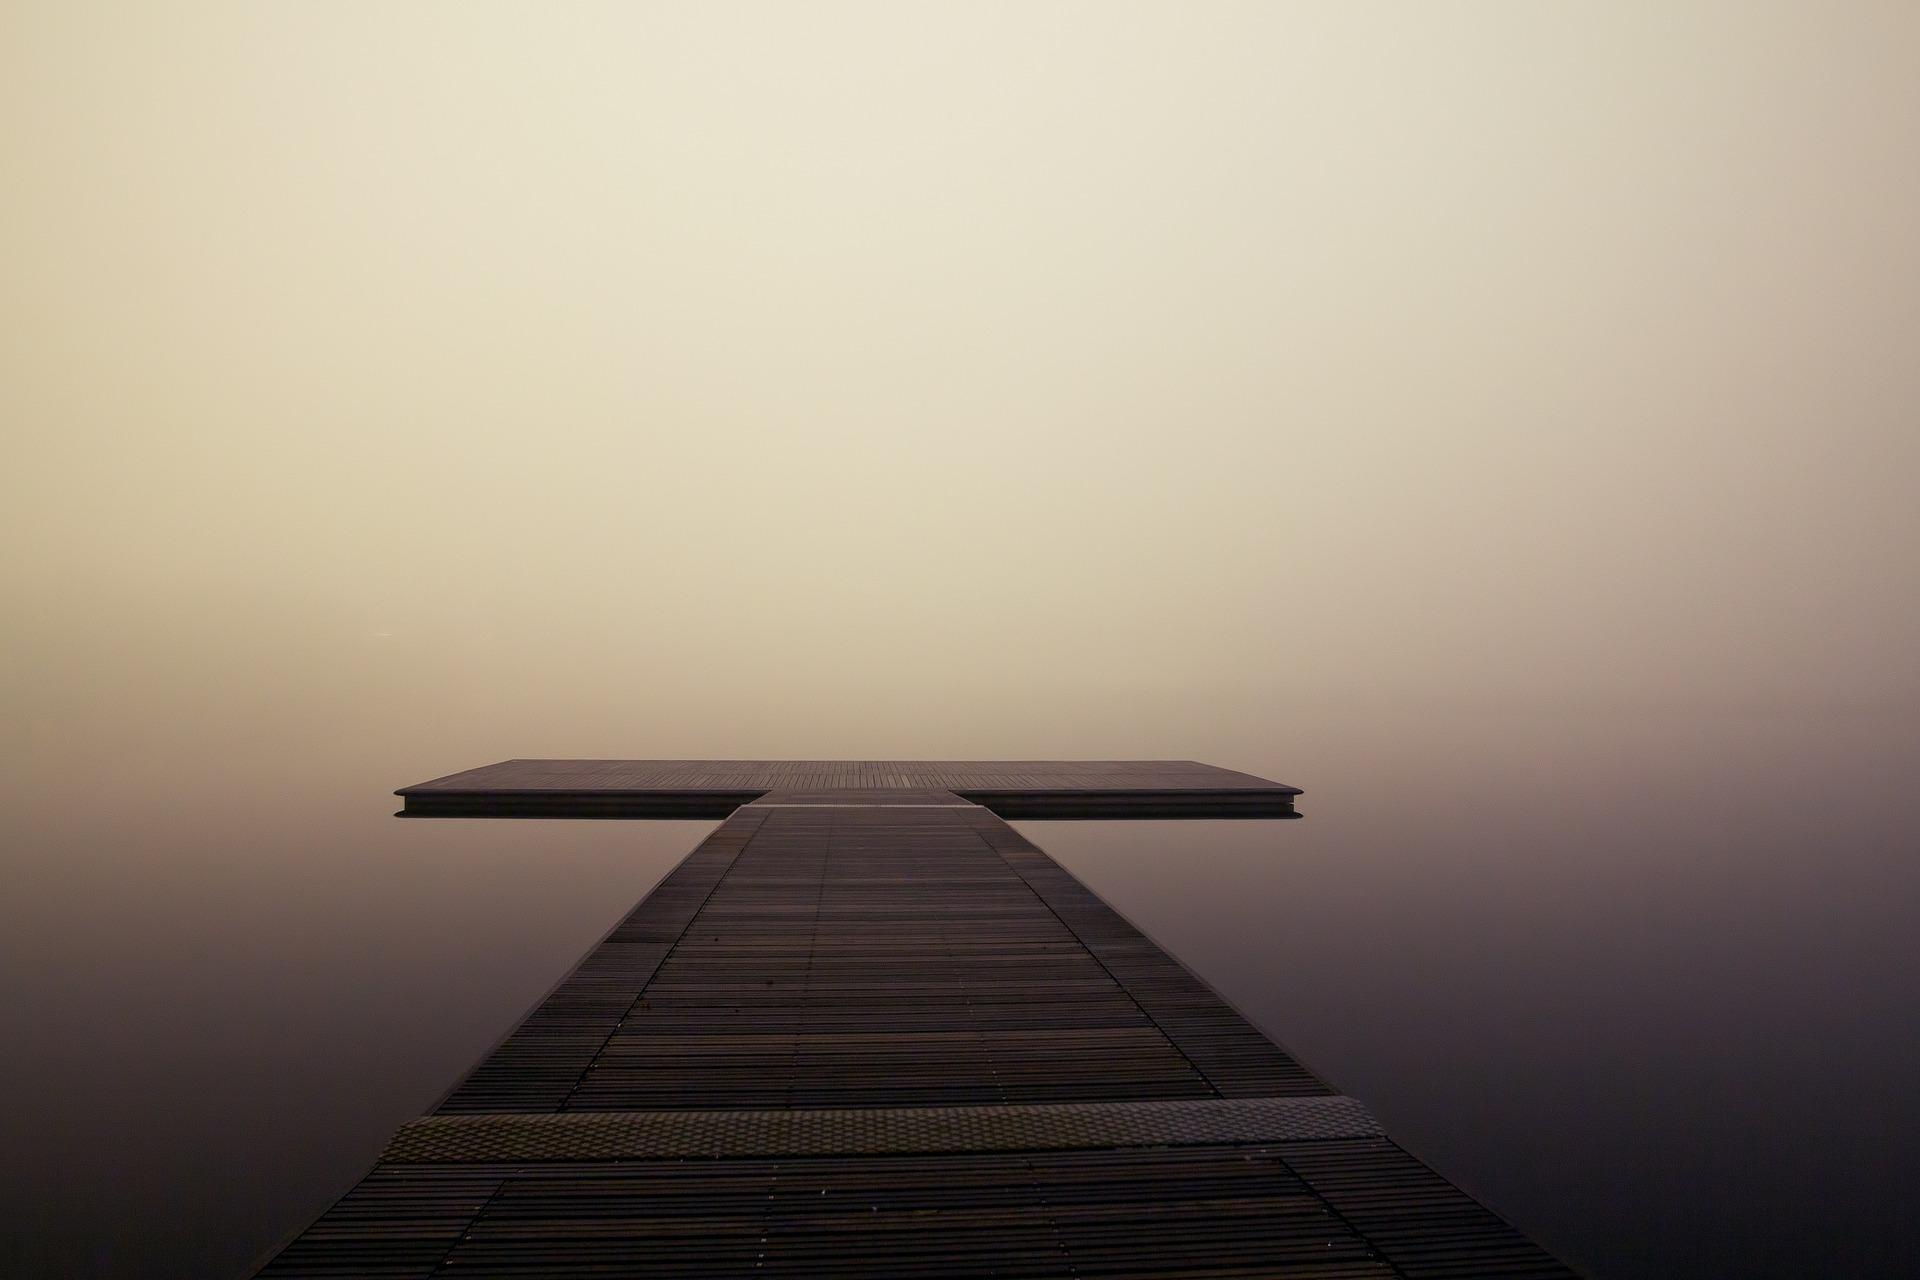 वसंत, लकड़ी, झील, शांत हो, आराम - HD वॉलपेपर - प्रोफेसर-falken.com